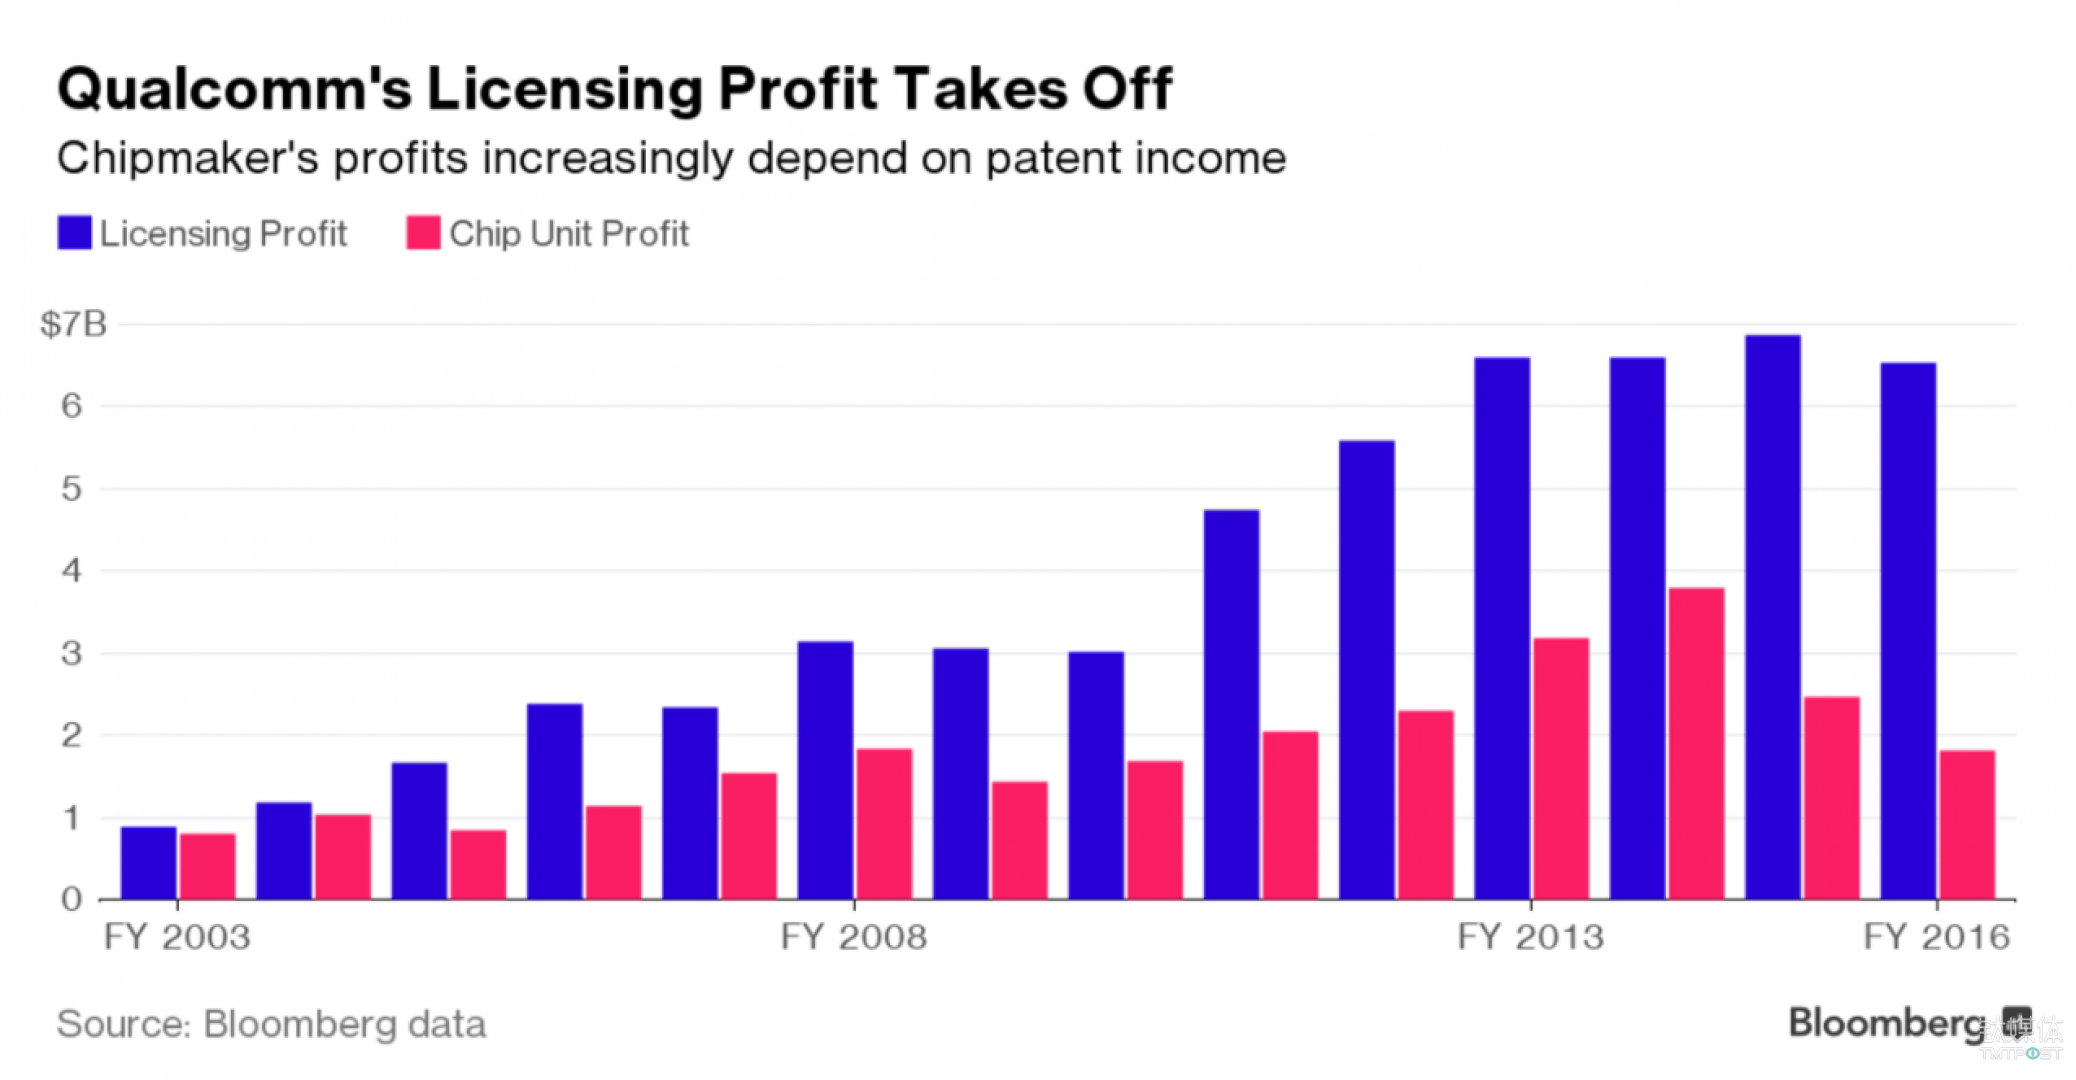 高通的专利(license)收益连年看涨。图片来源/彭博社